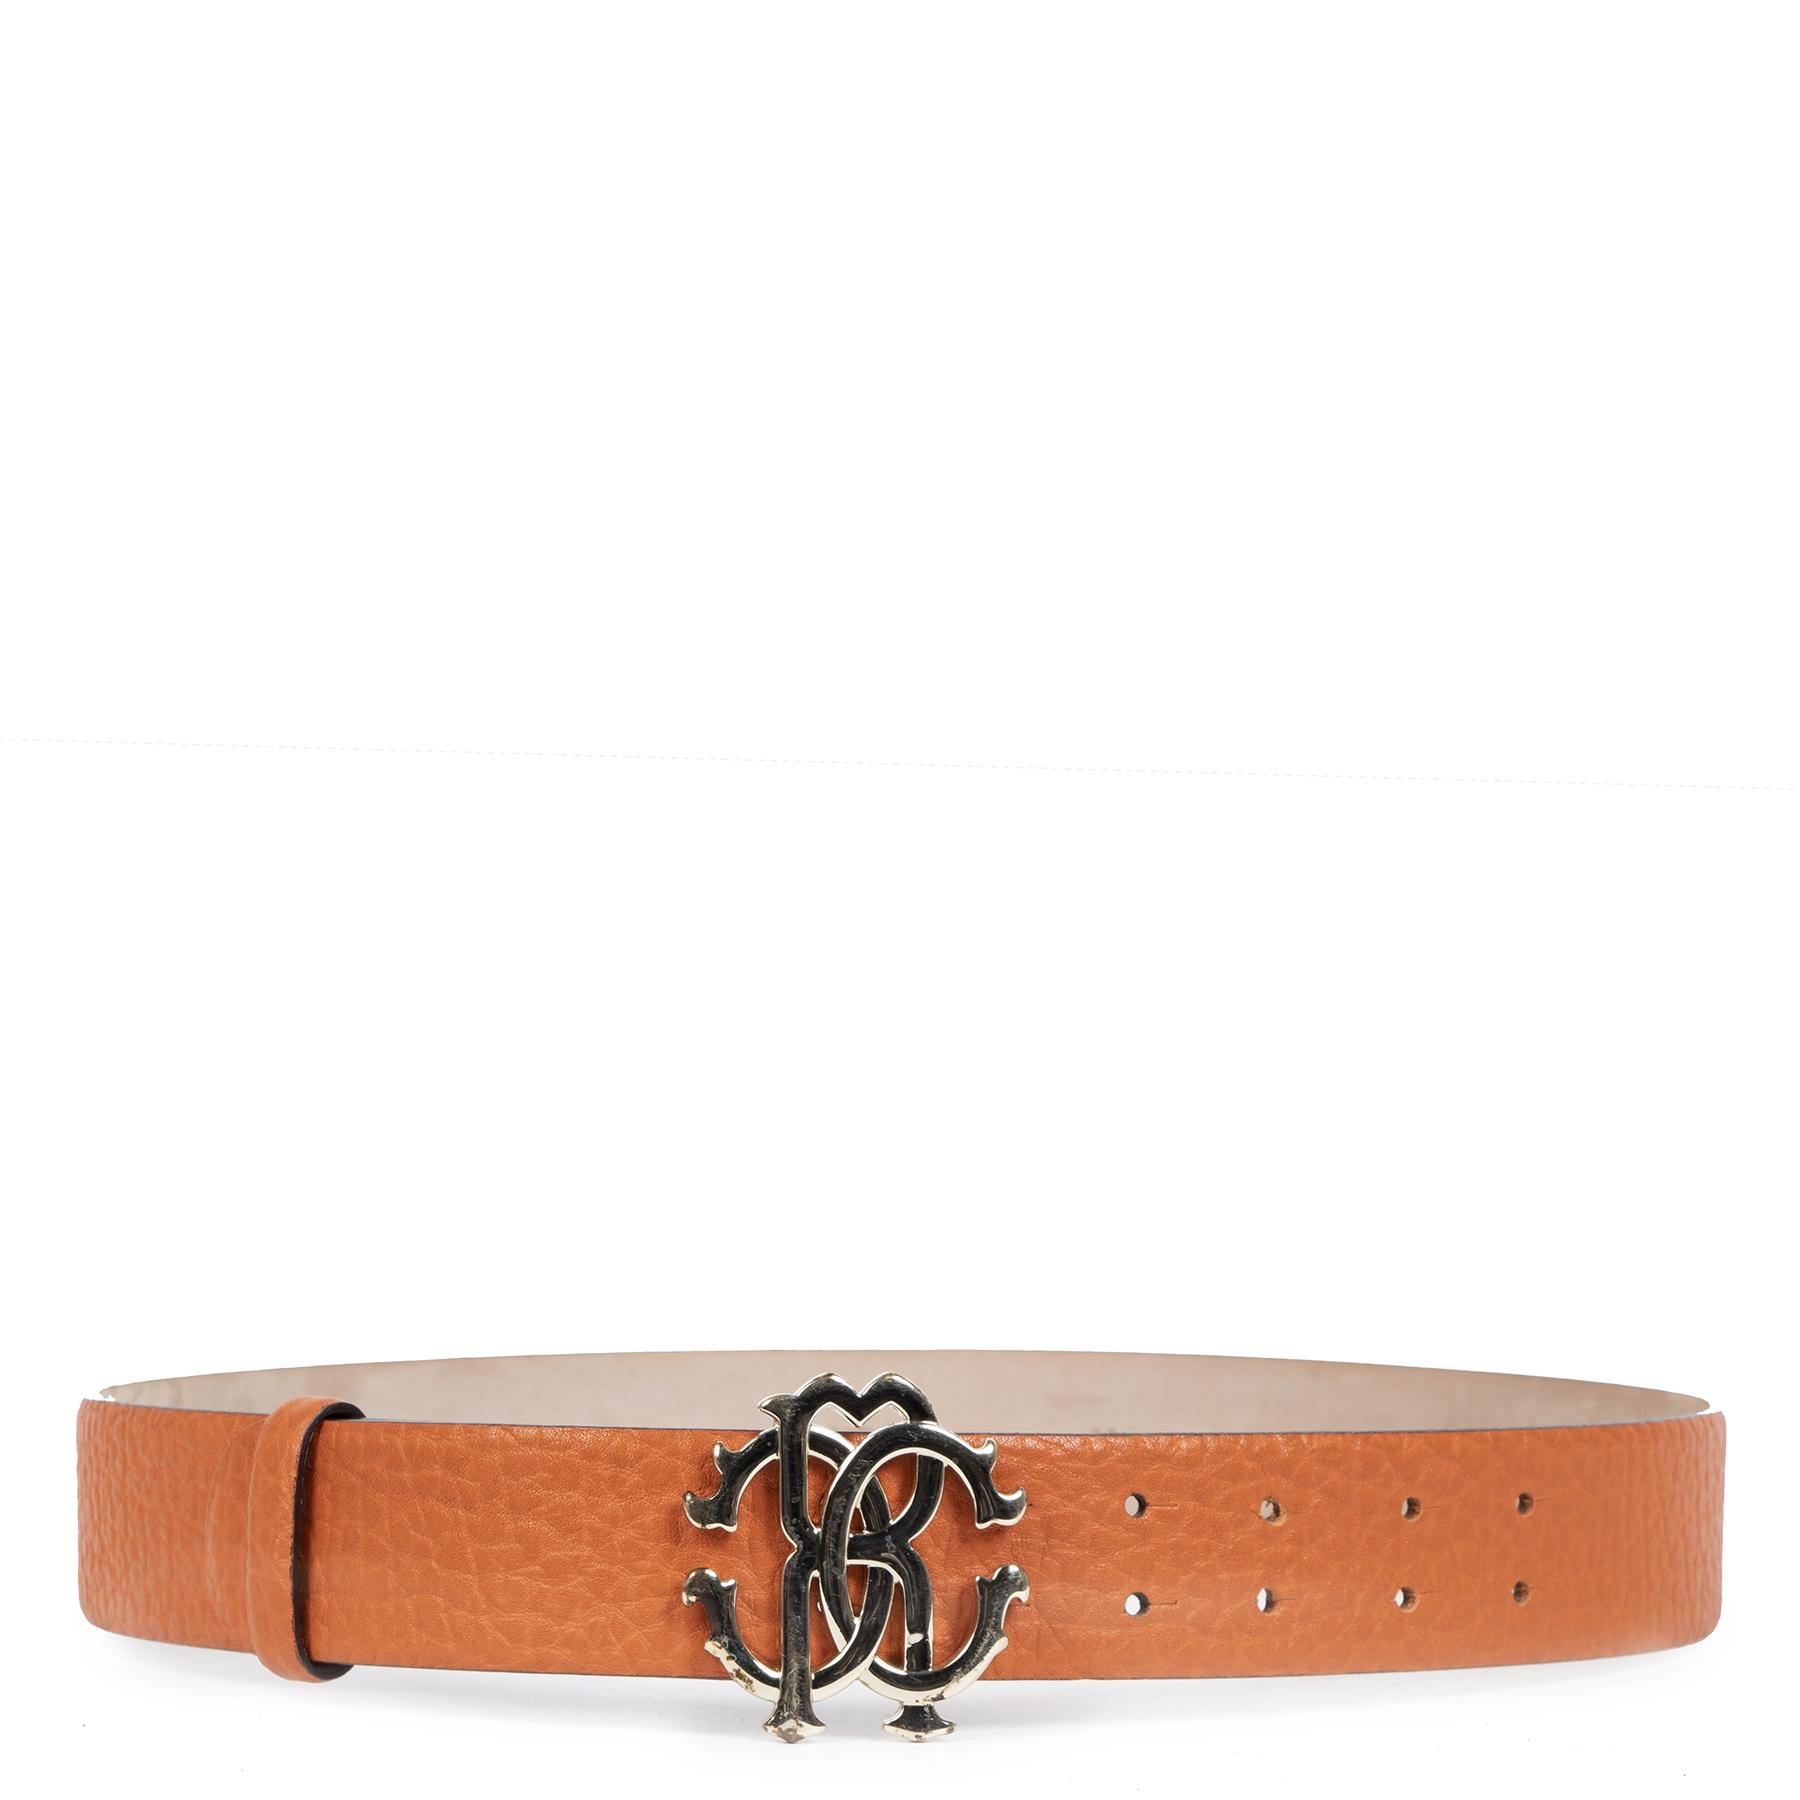 Authentieke Tweedehands Roberto Cavalli Orange Leather Belt juiste prijs veilig online shoppen luxe merken webshop winkelen Antwerpen België mode fashion